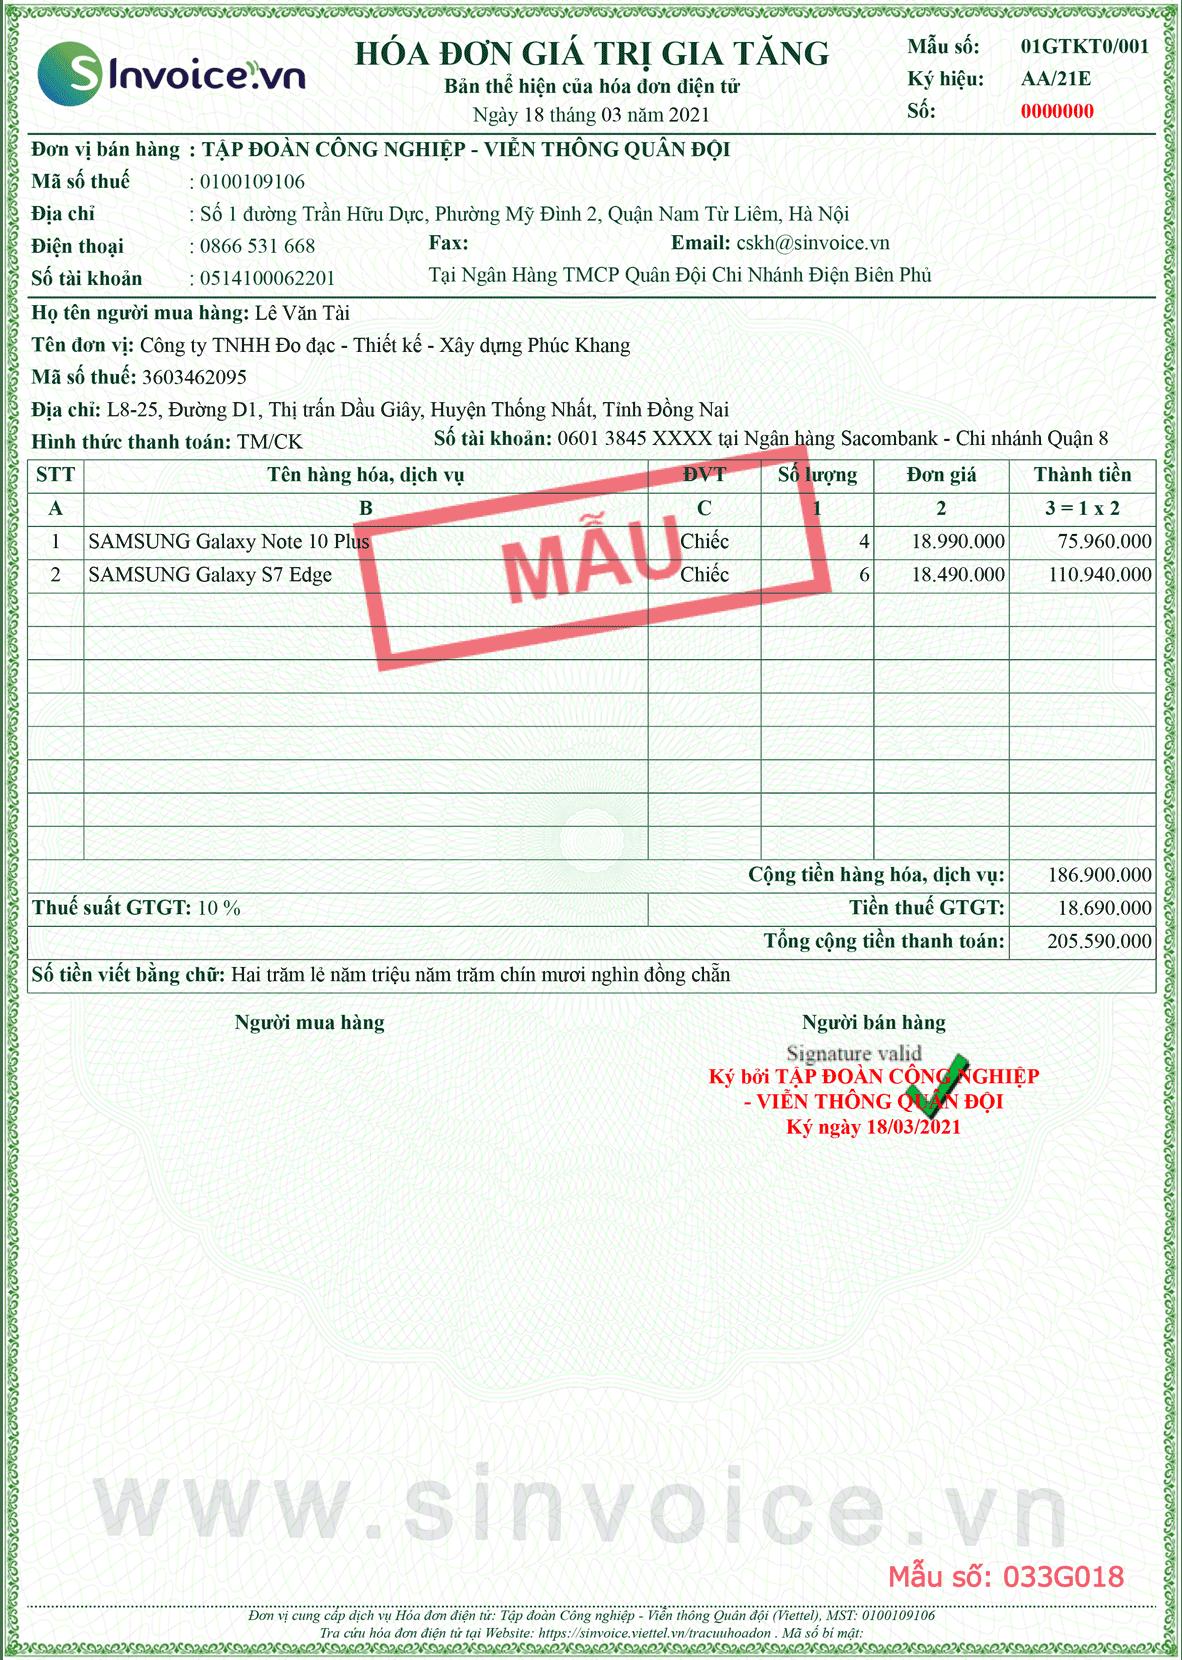 Mẫu hóa đơn điện tử số 033G018